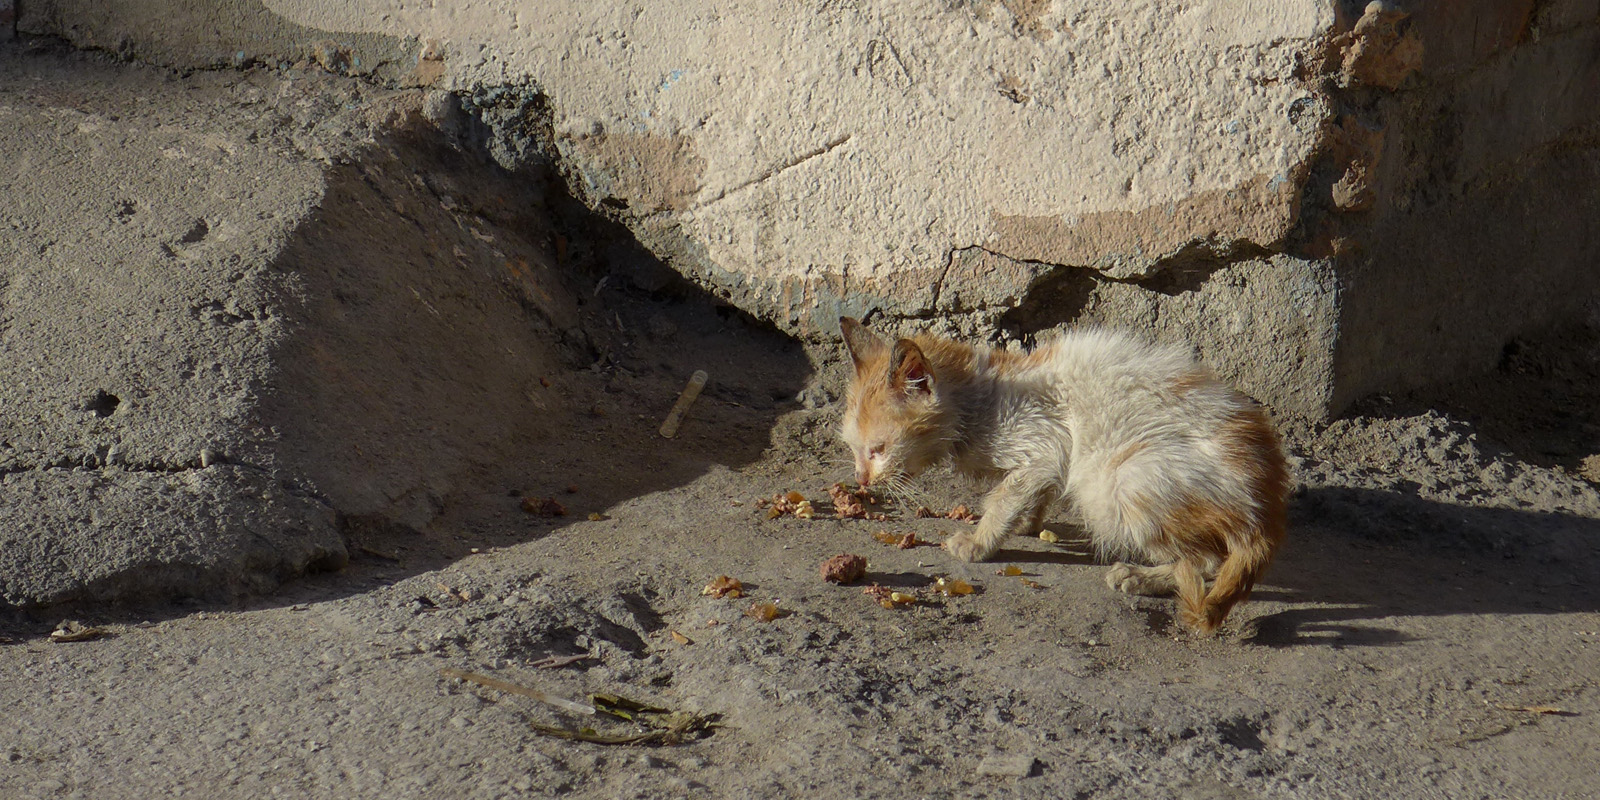 Die Katzenfängerin von Plowdiw ist täglich in ihrer bulgarischen Heimatstadt unterwegs, um besitzerlosen, oftmals kranken und schwachen Katzen zu helfen.